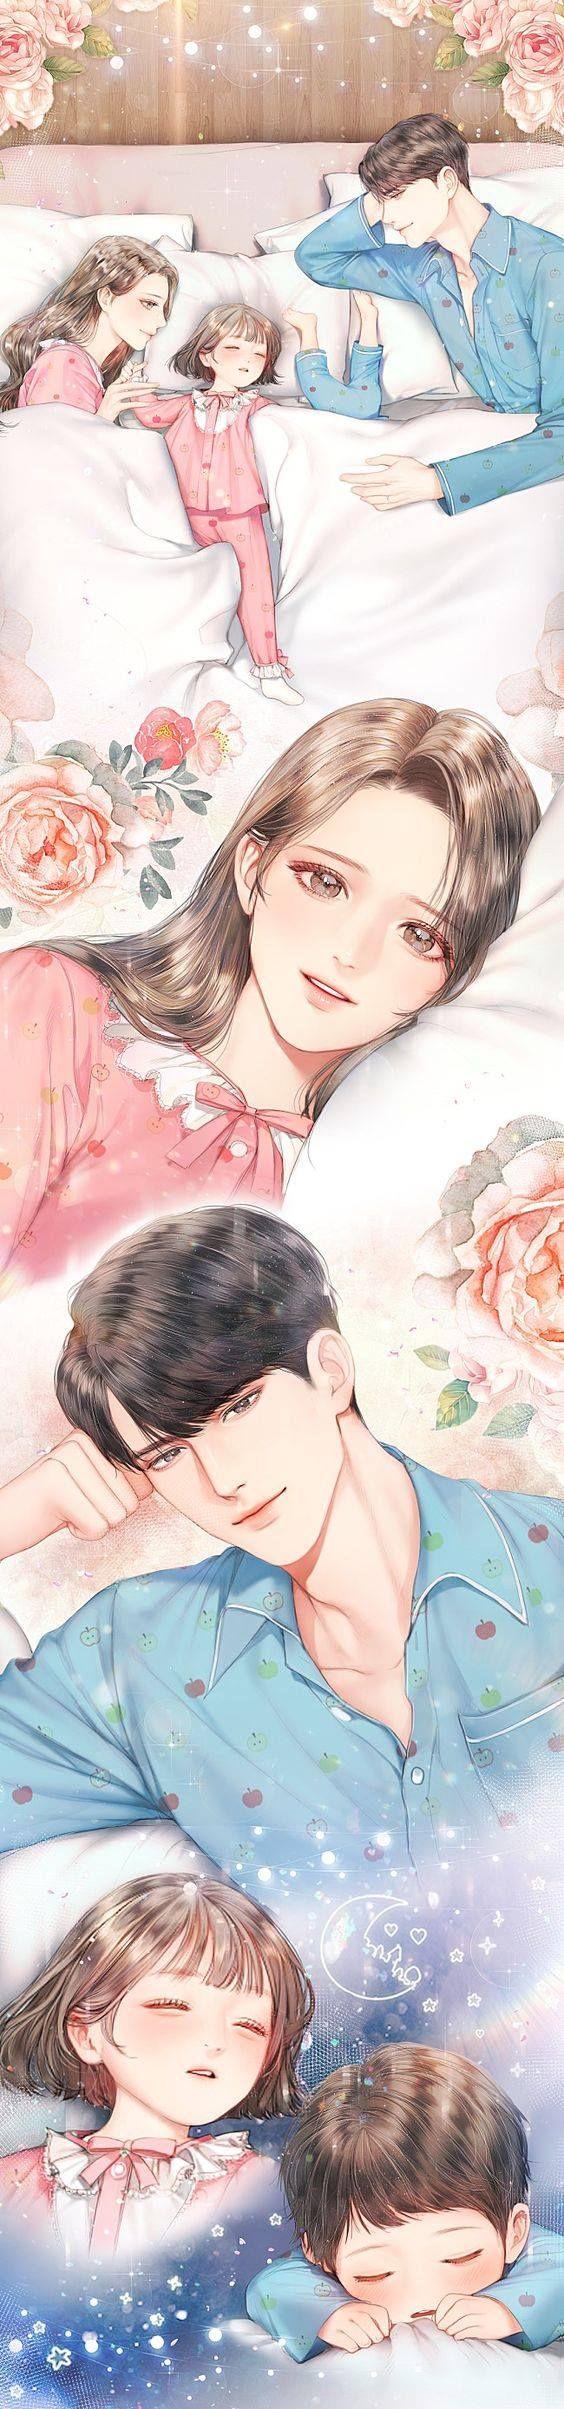 Pin oleh Tường vy di 그림들 Gambar pasangan anime, Manga